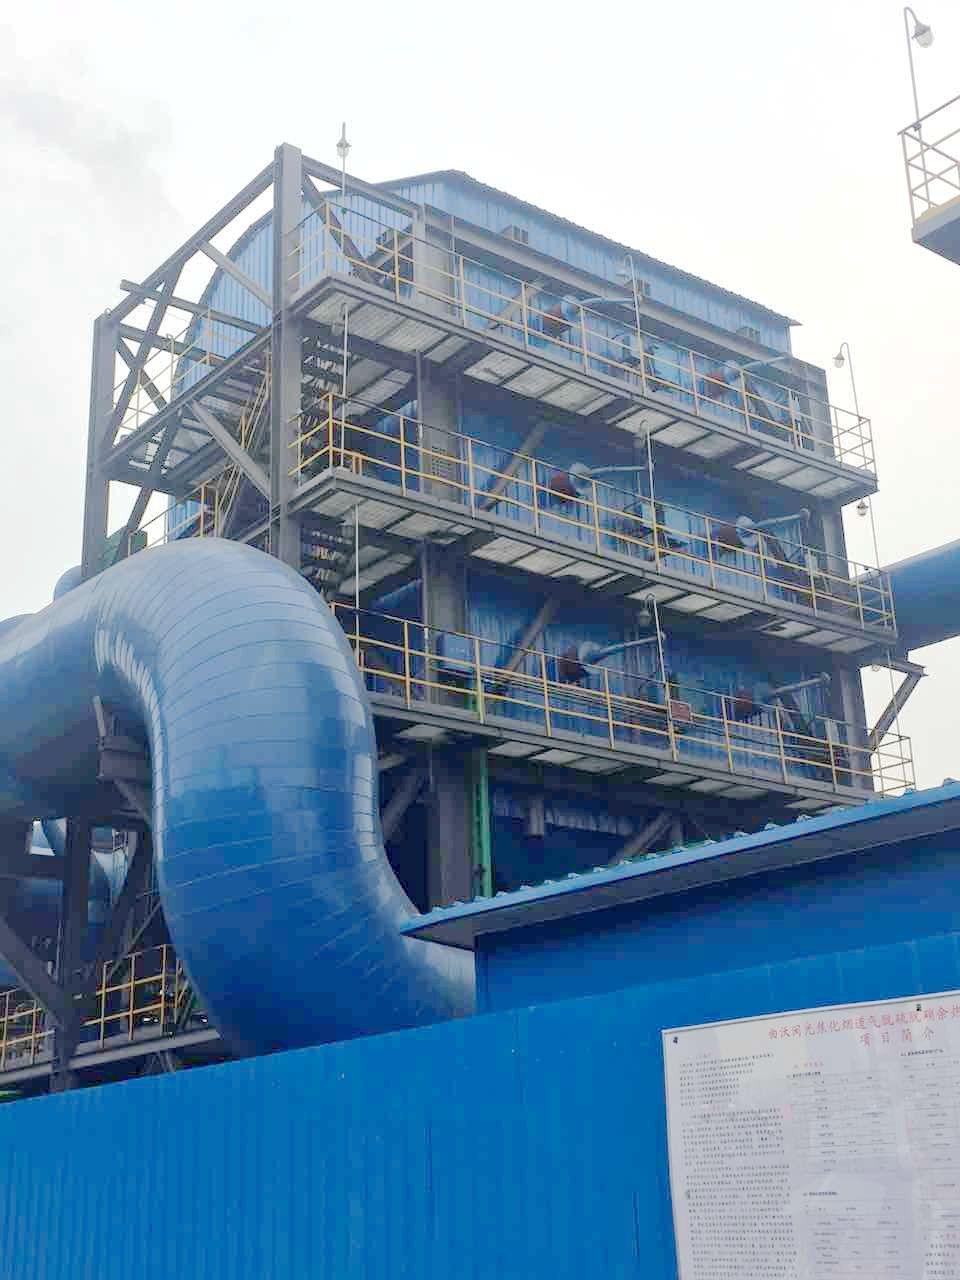 脱硝系列|脱硝系列-山东中压环保科技有限公司